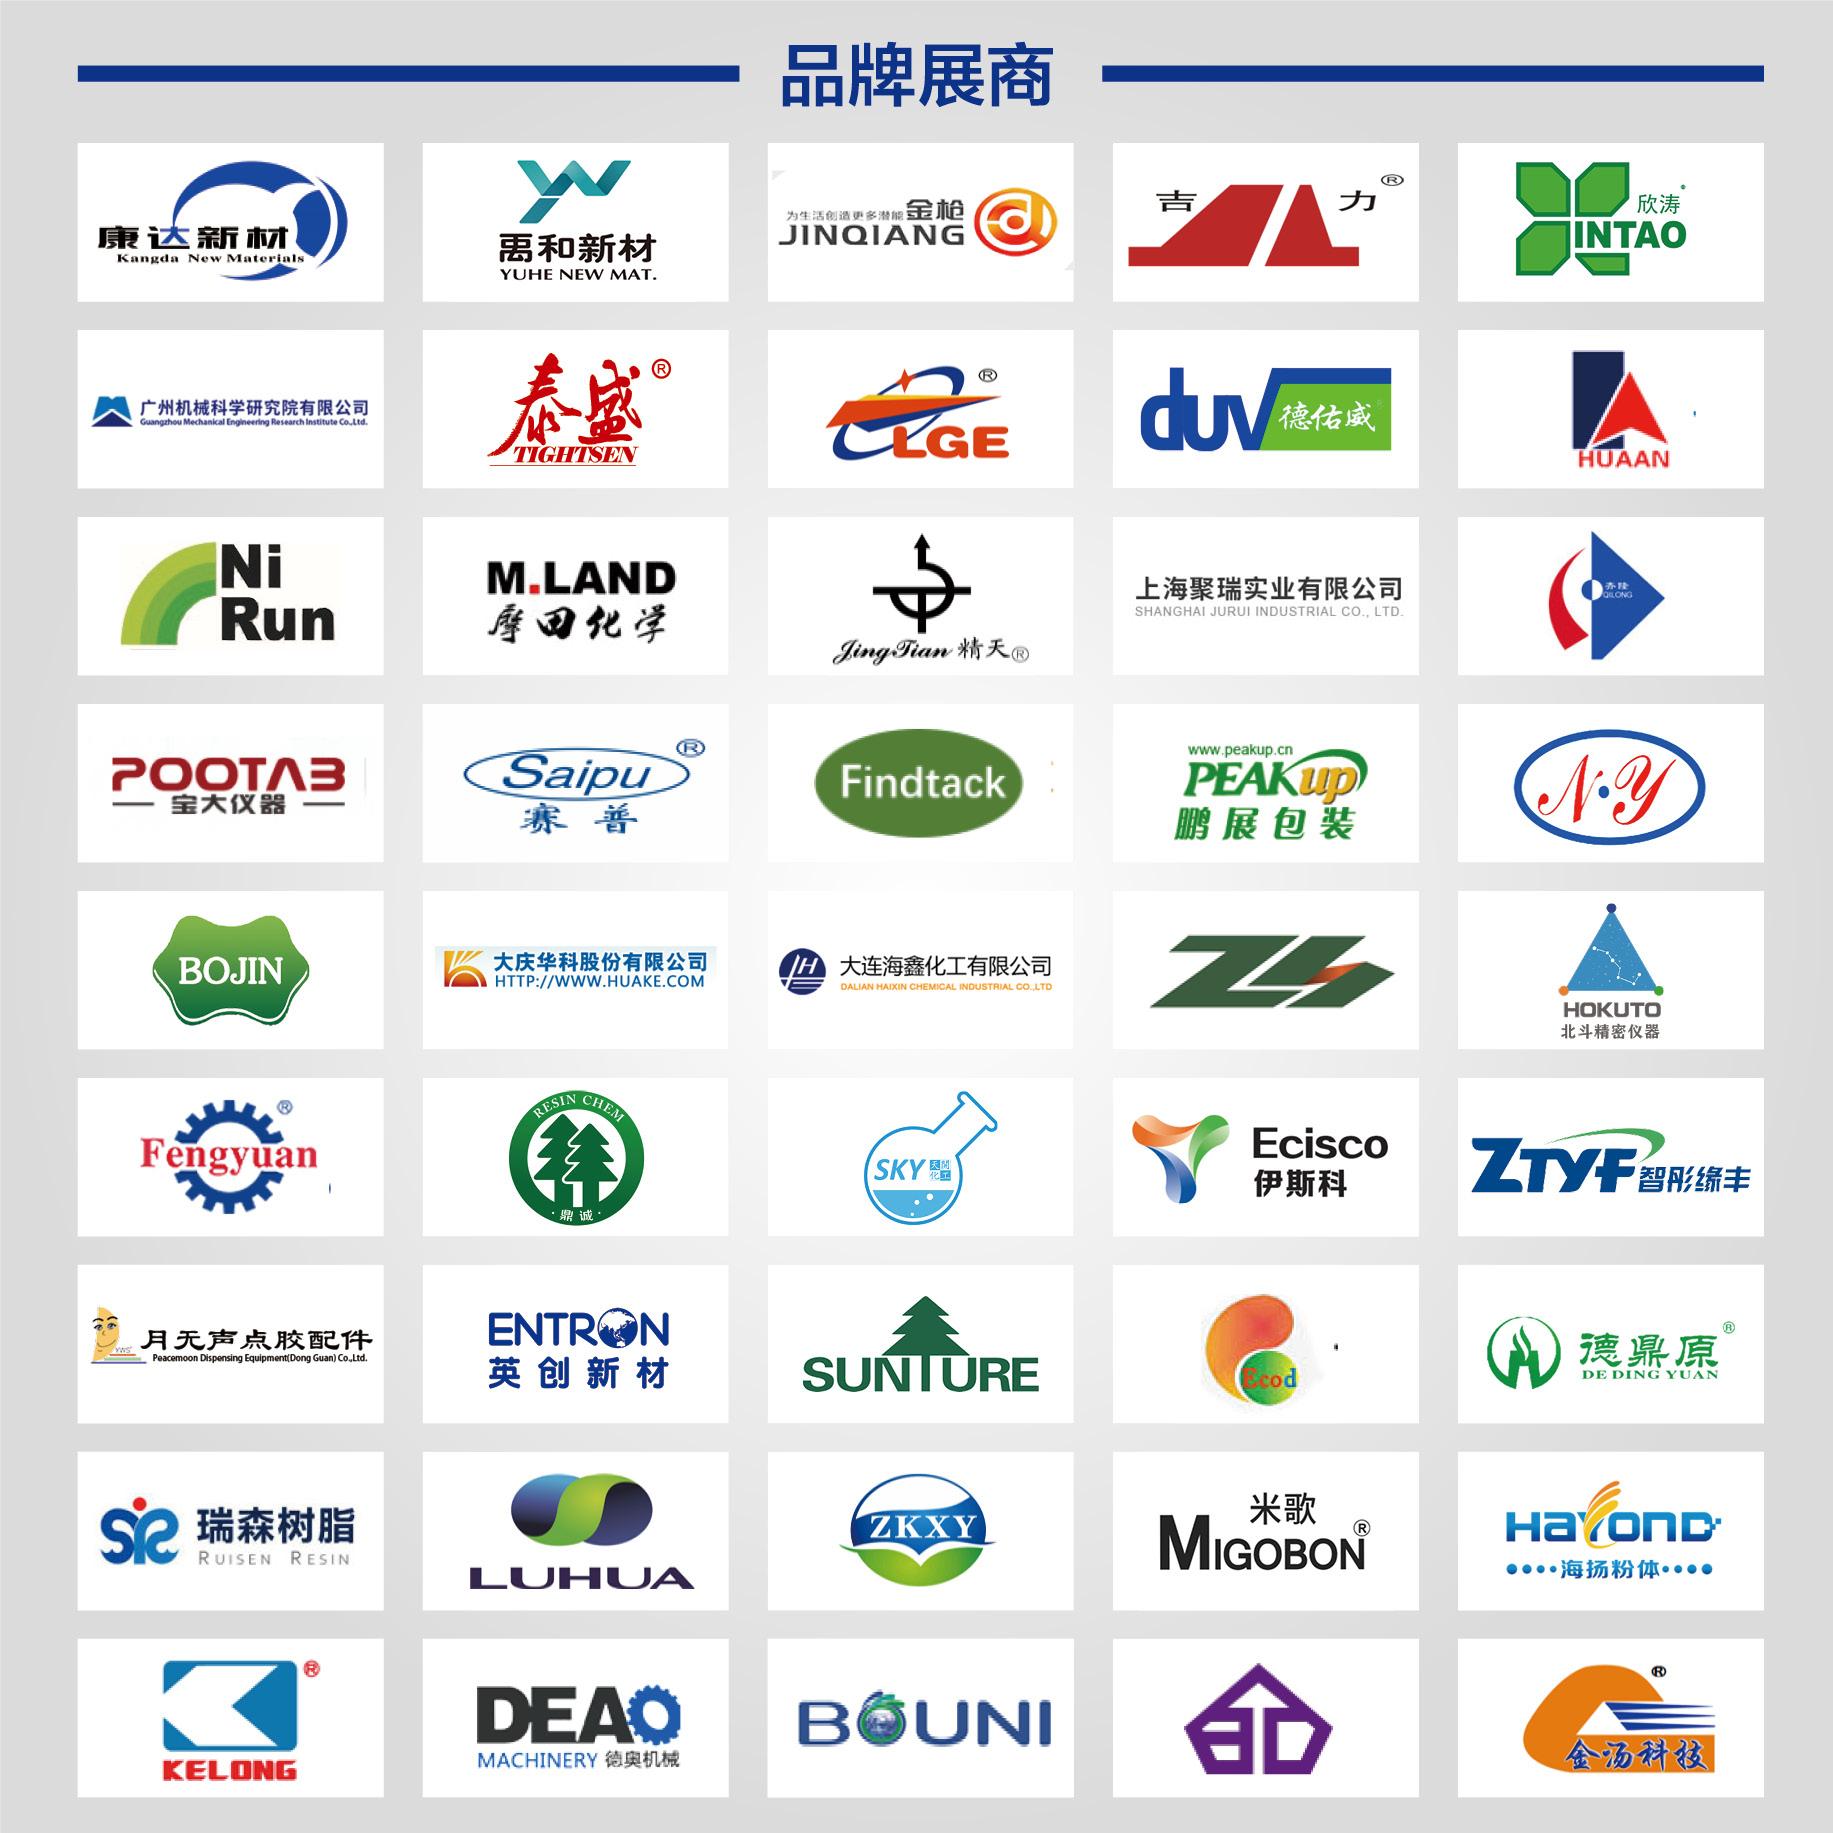 佛山展商logo (1).jpg